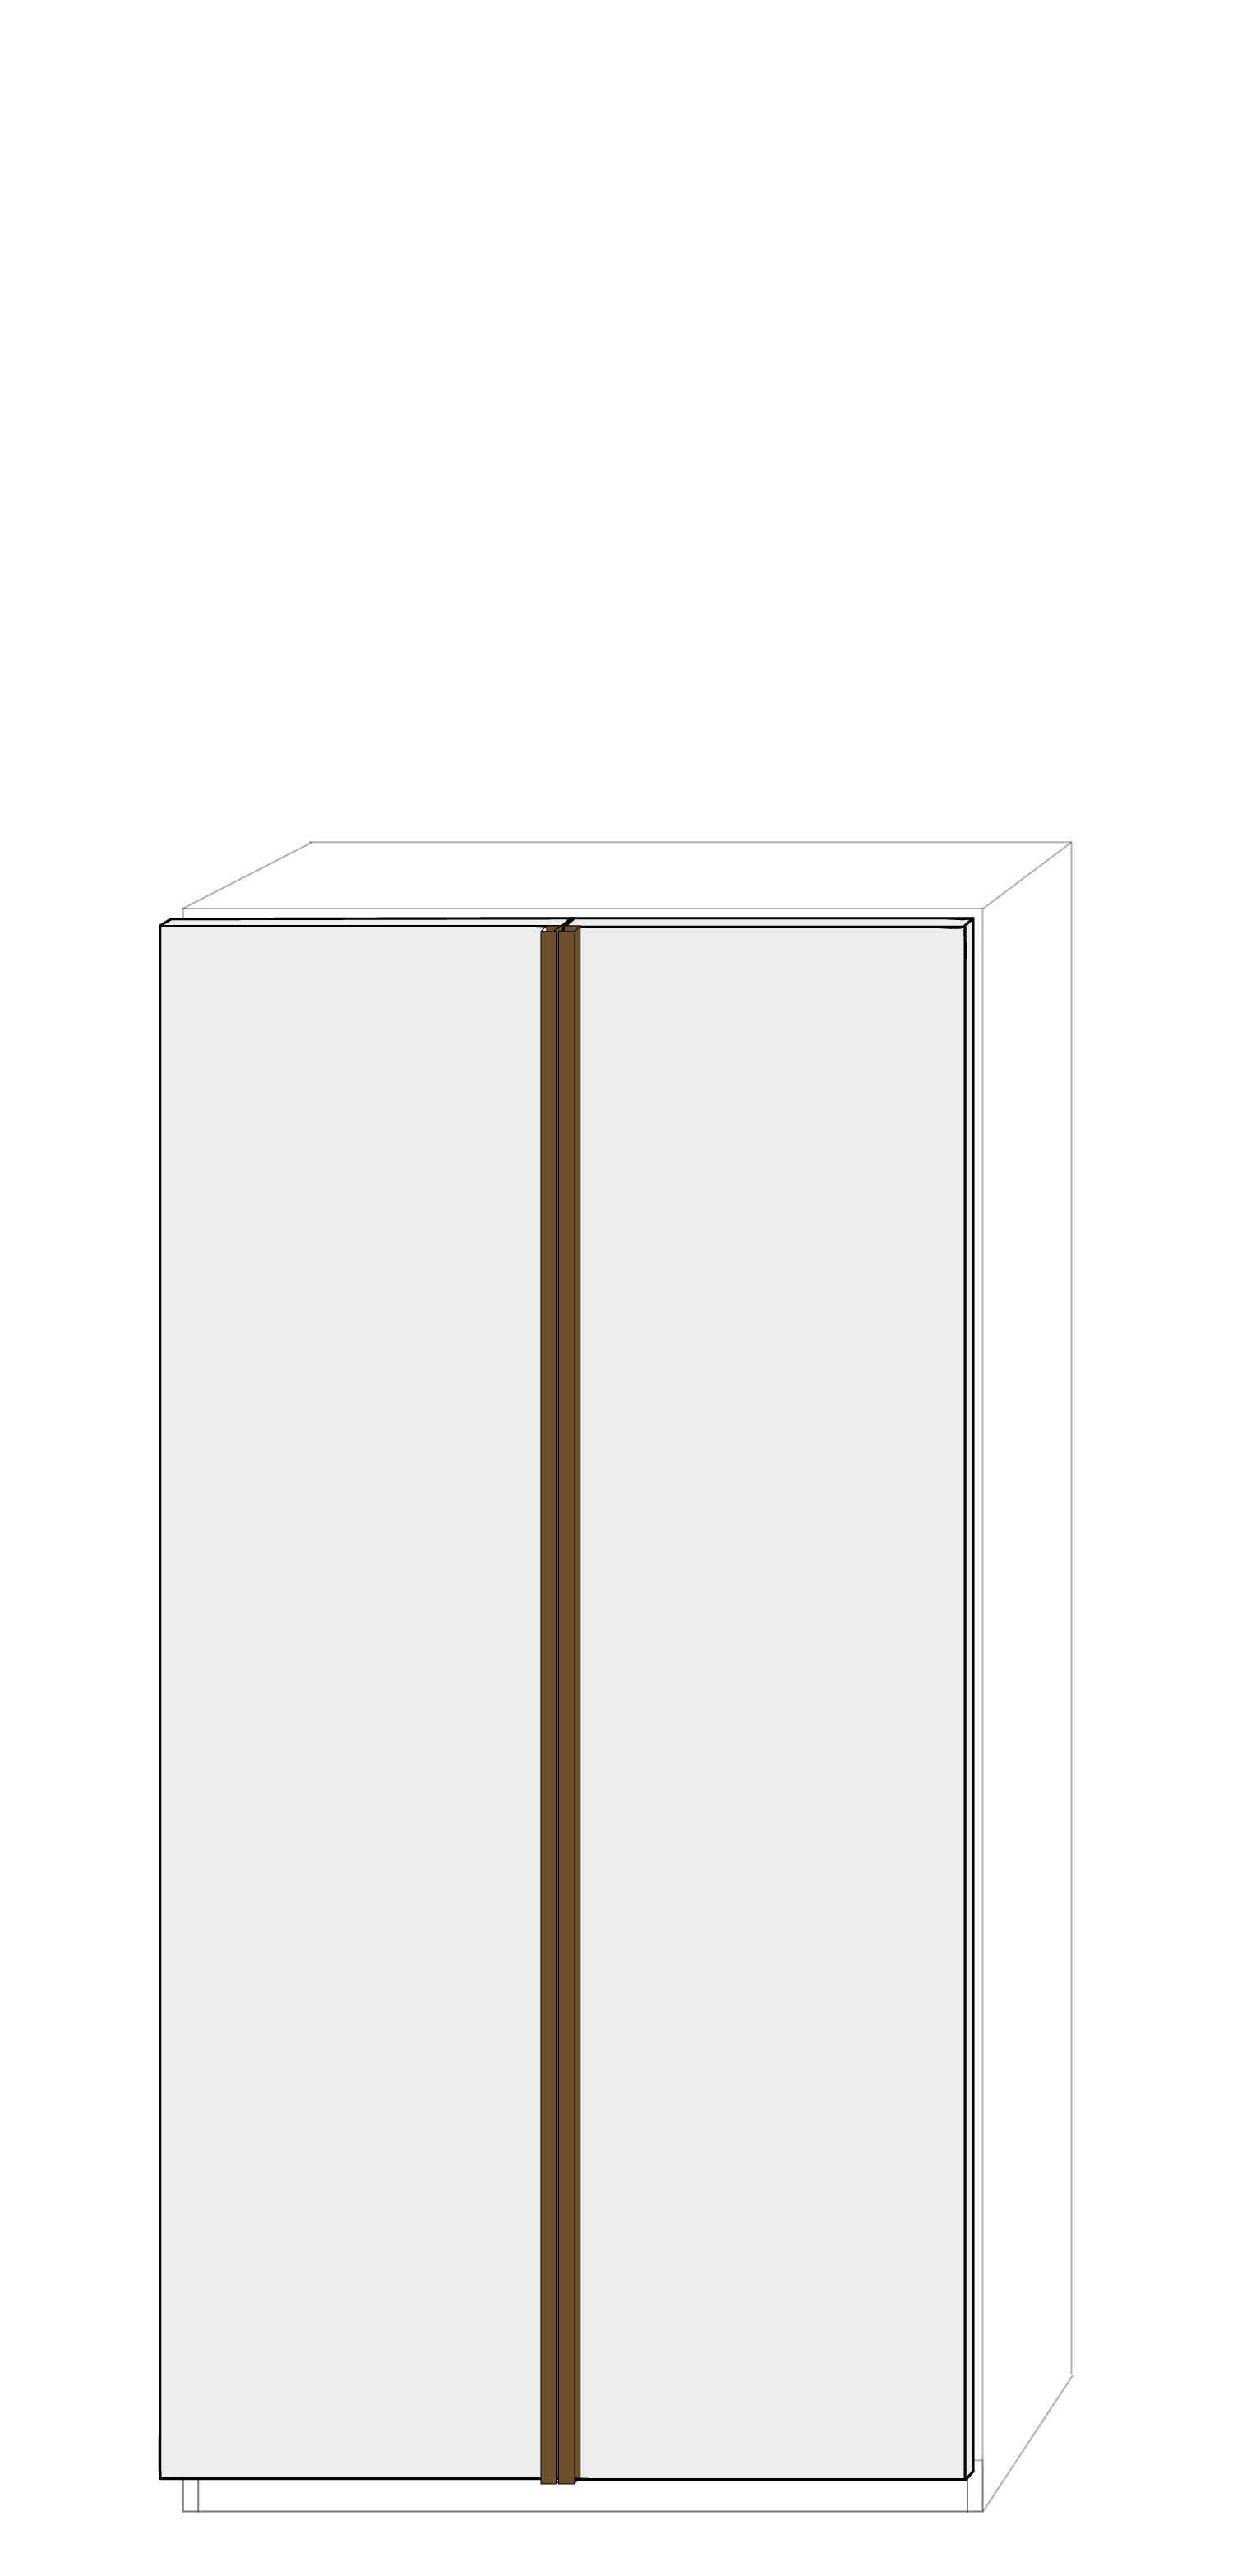 Dörrpar 100cm Pax - fanér med grepplist